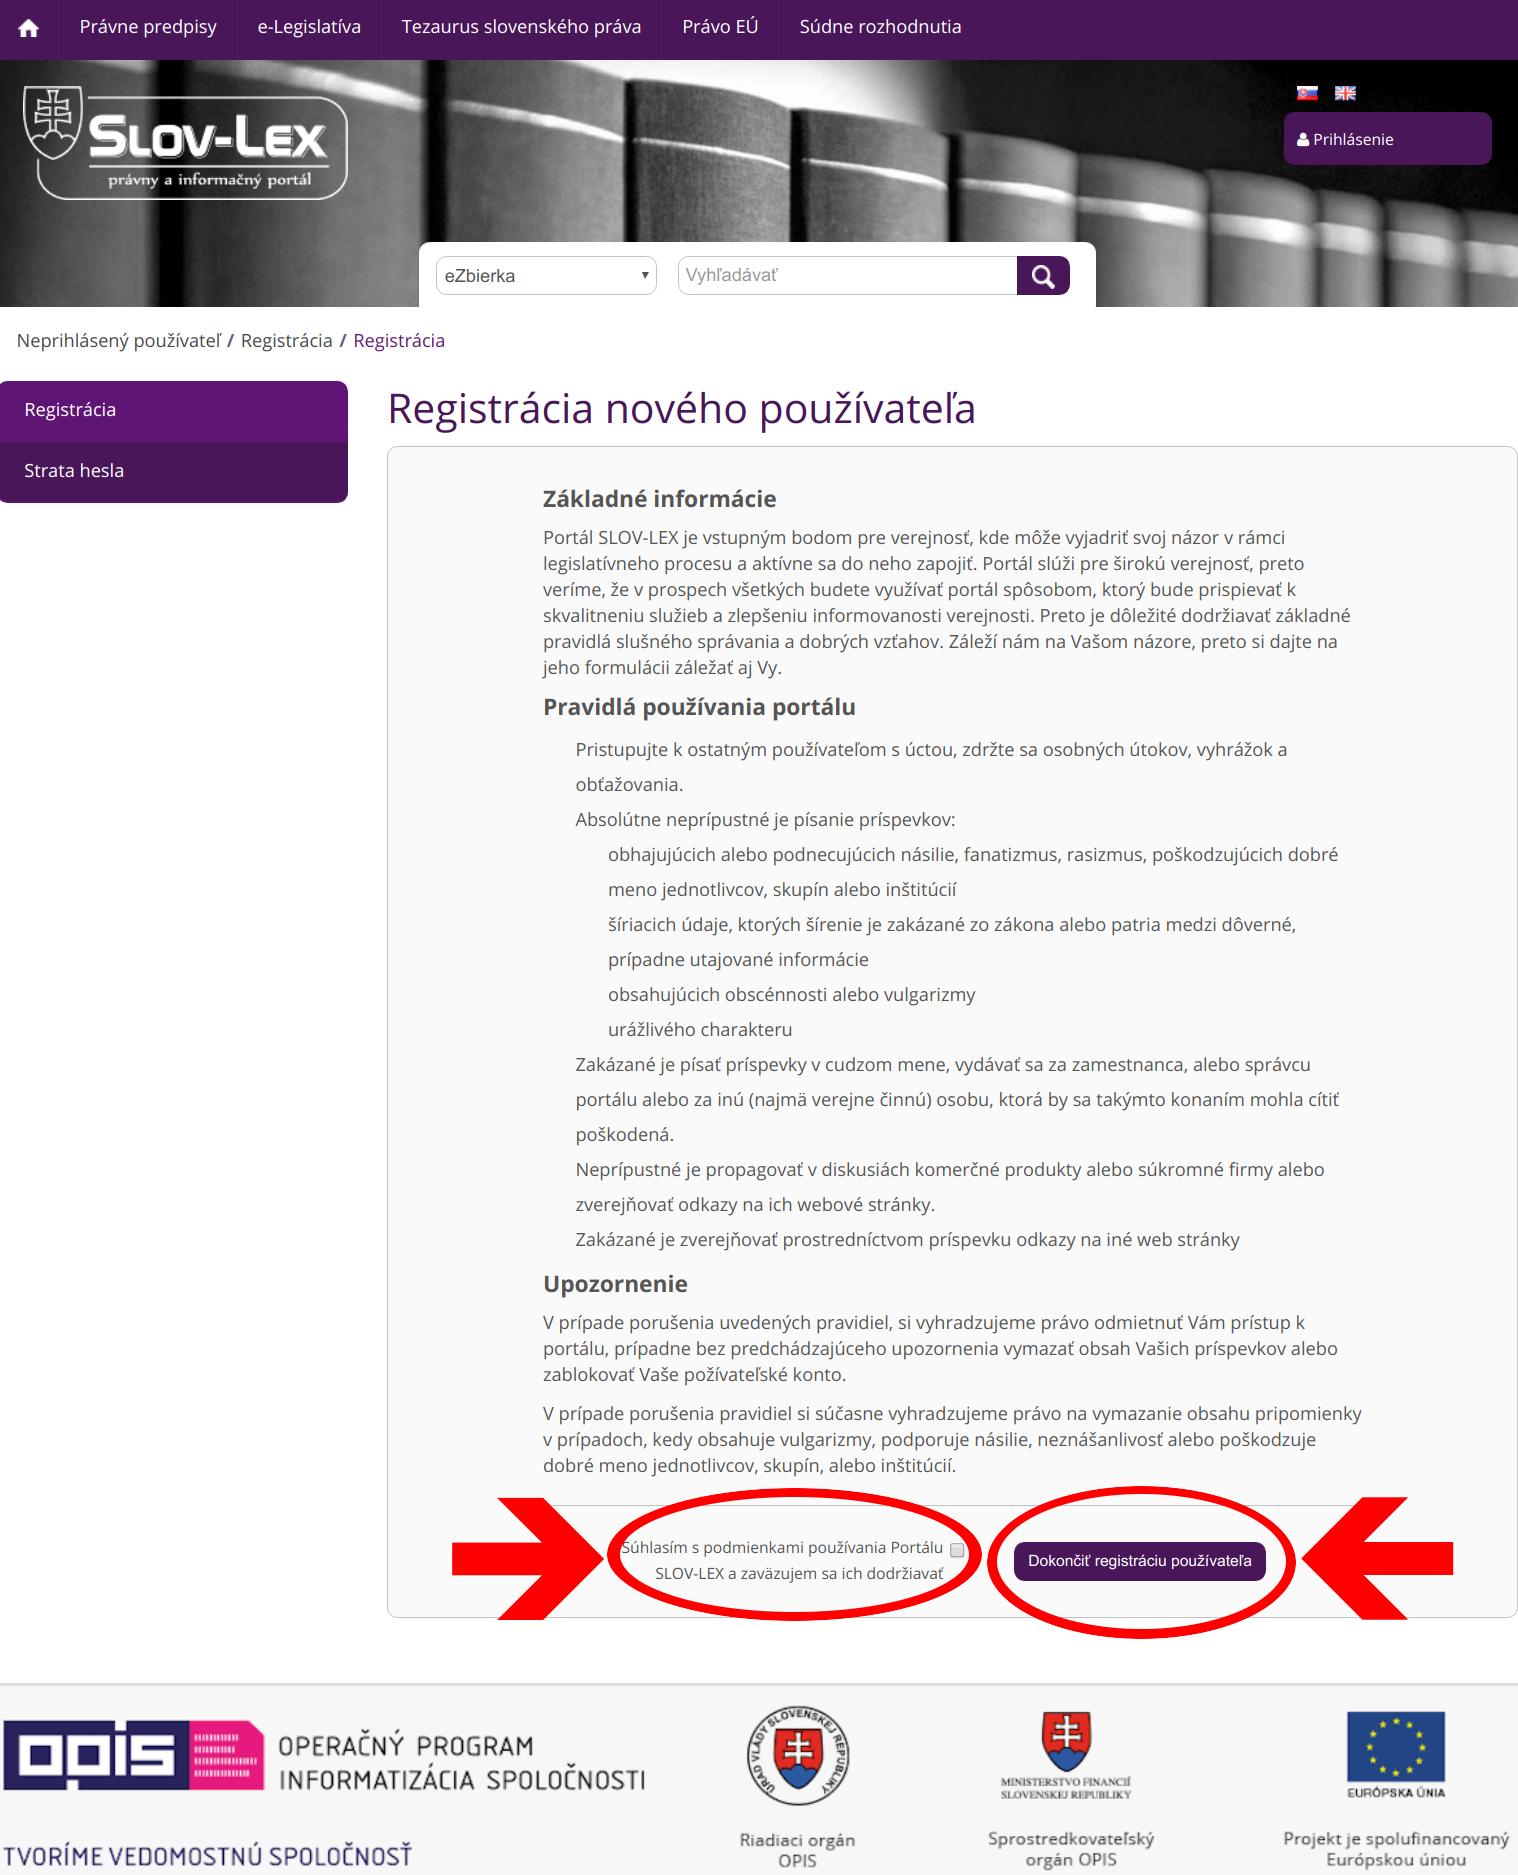 Slov-Lex / Registrácia nového používateľa: zmluvné podmienky